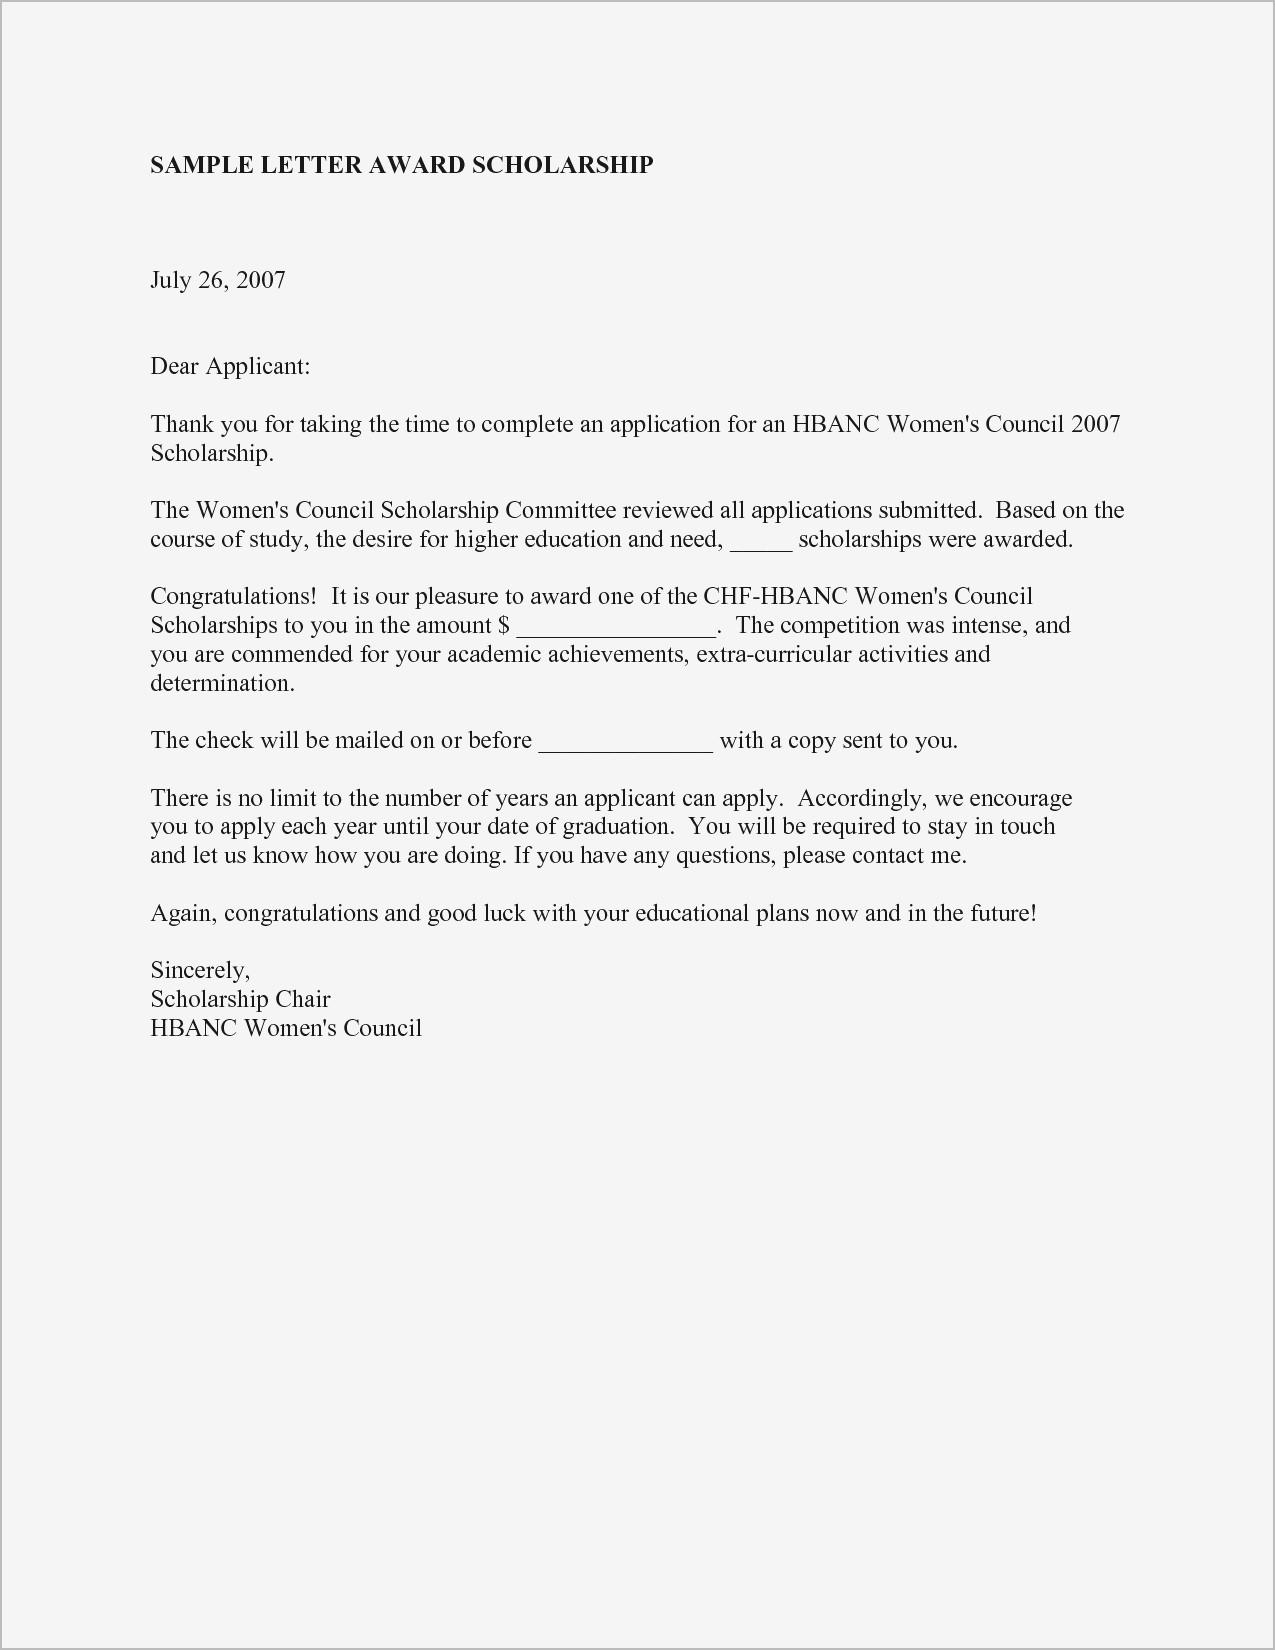 Hostile Work Environment Complaint Letter Template - Hostile Work Environment Letter Plaint Samples Lovely Letter Re